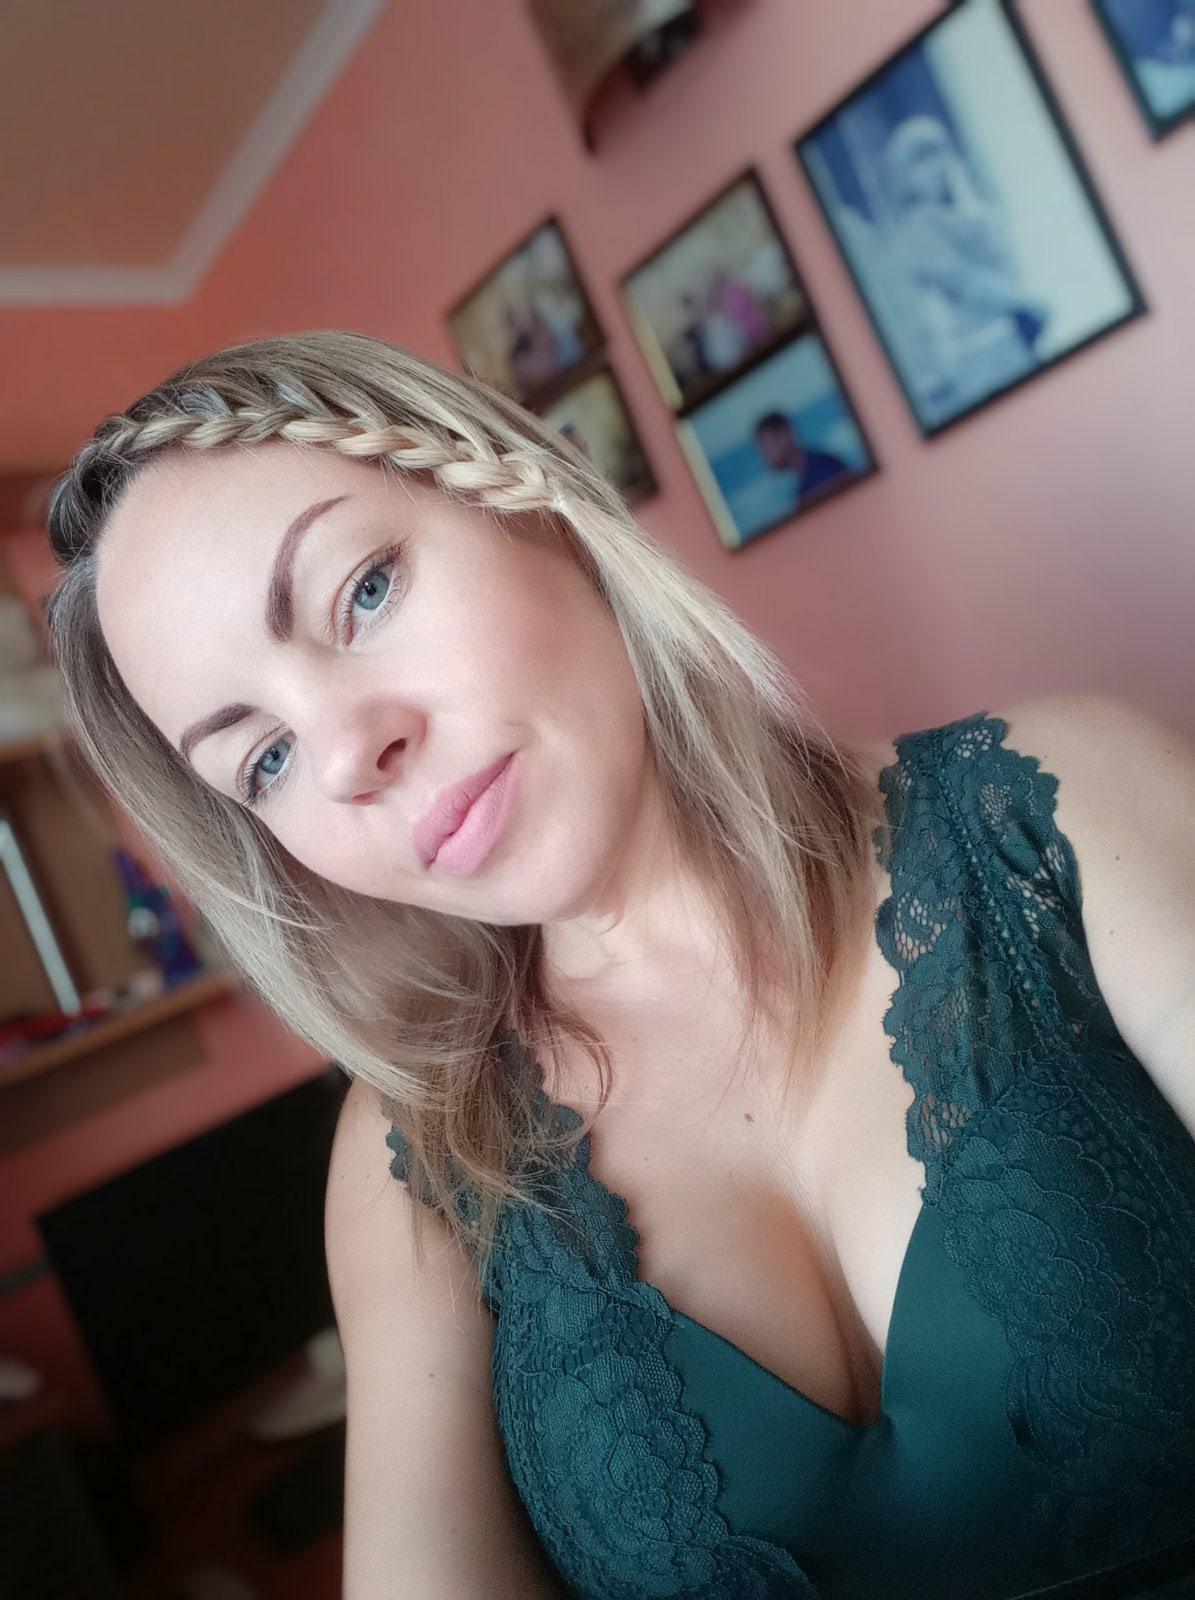 صورة ذات علامات:HD, شقراء, يؤرخ, مثير للإهتمام, فتاة